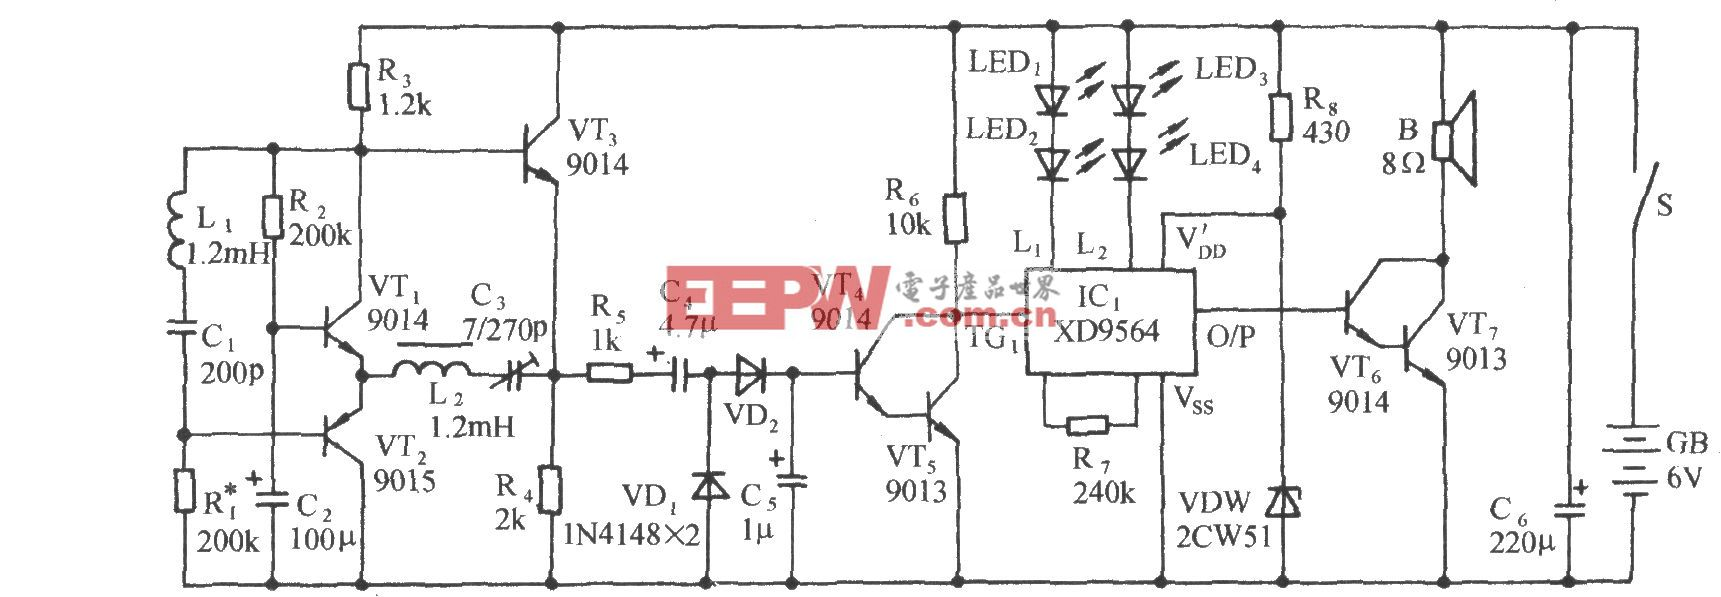 地下金属管道走向定位报叫电路